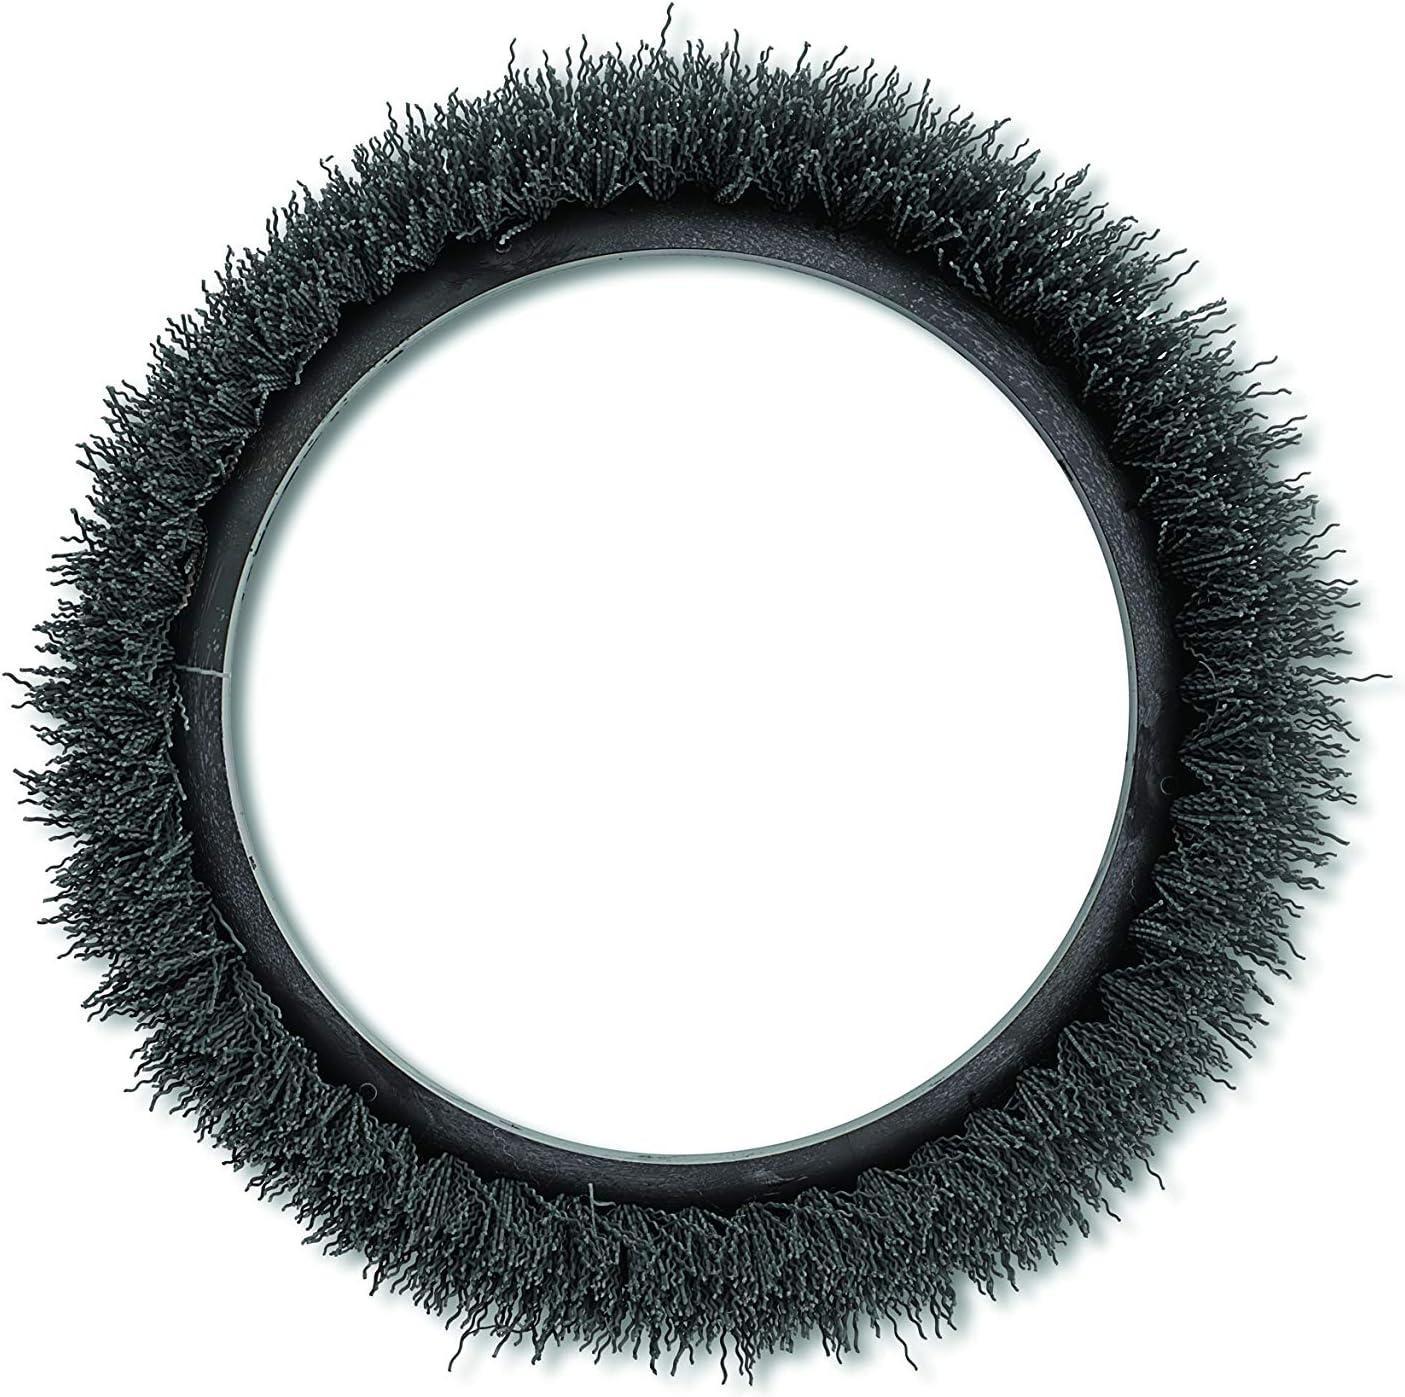 """Oreck Commercial 237049 Nylon Carpet Shampoo Orbiter Brush, 12"""" Diameter, 0.012"""" Bristle Diameter, Black, For ORB550MC Orbiter Floor Machine"""